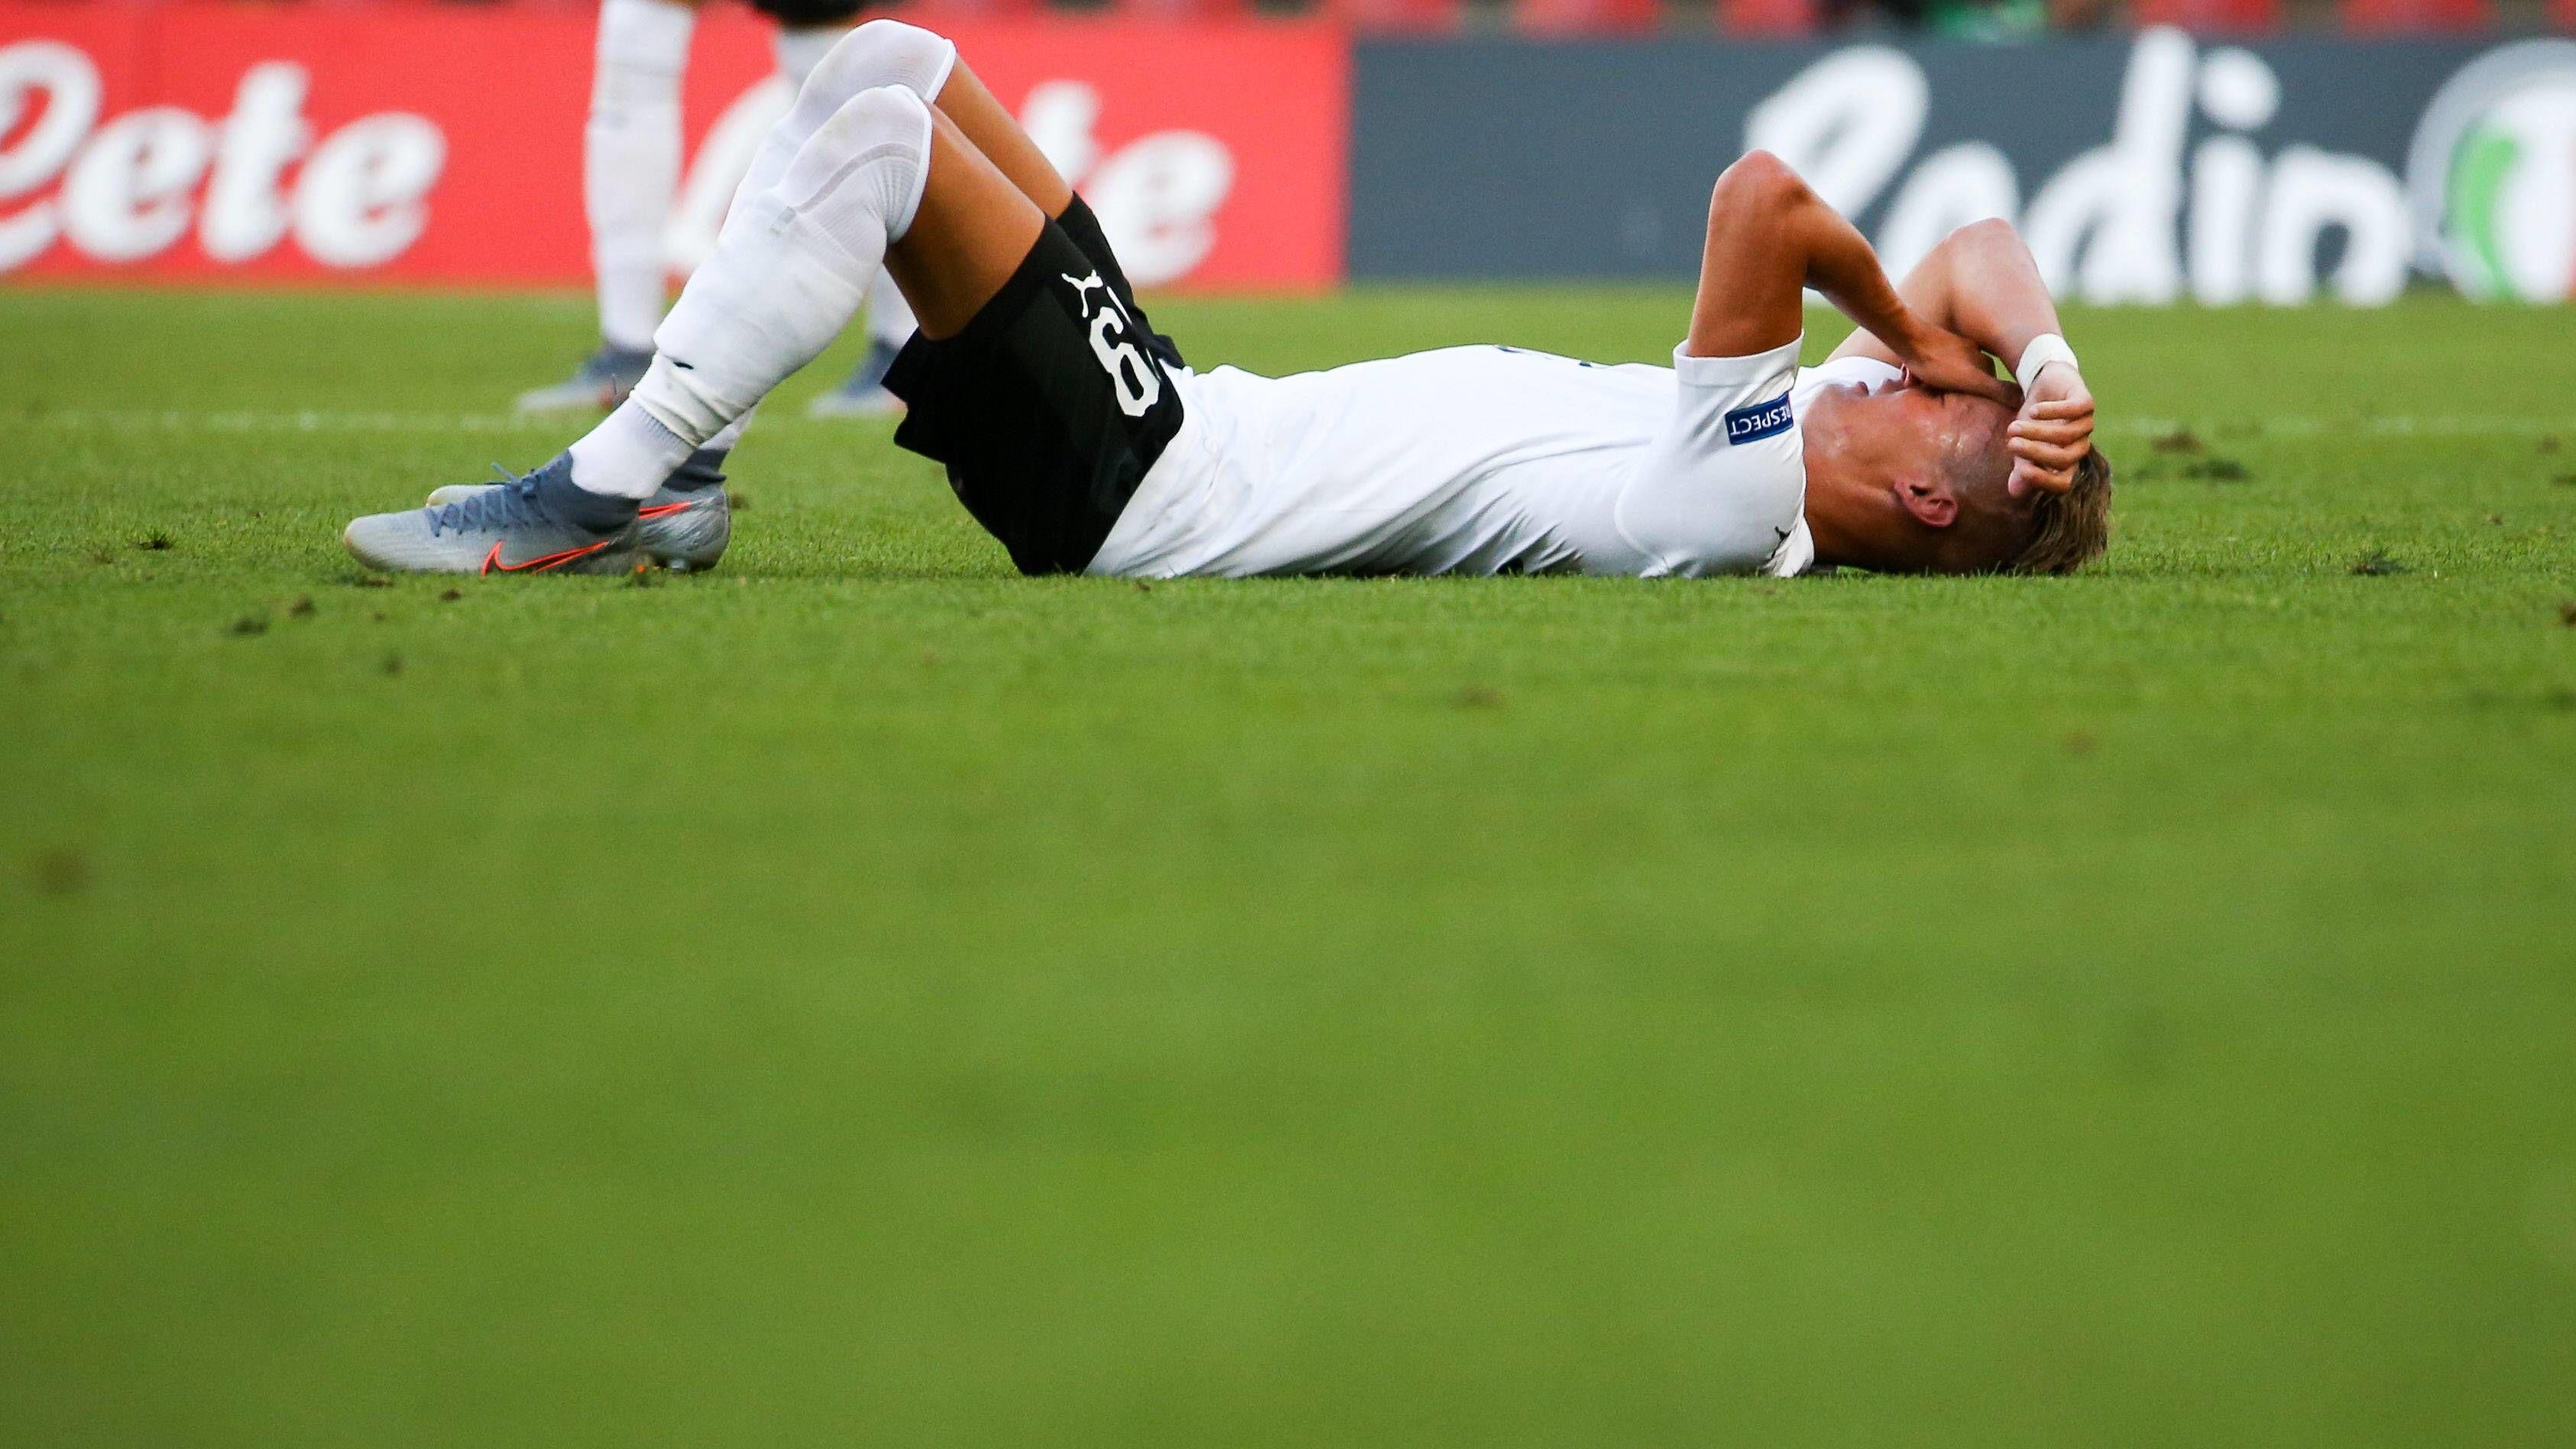 Österreichs U 21 und RB Leipzig bangen um Wolf | Nationalmannschaft | U21 - kicker